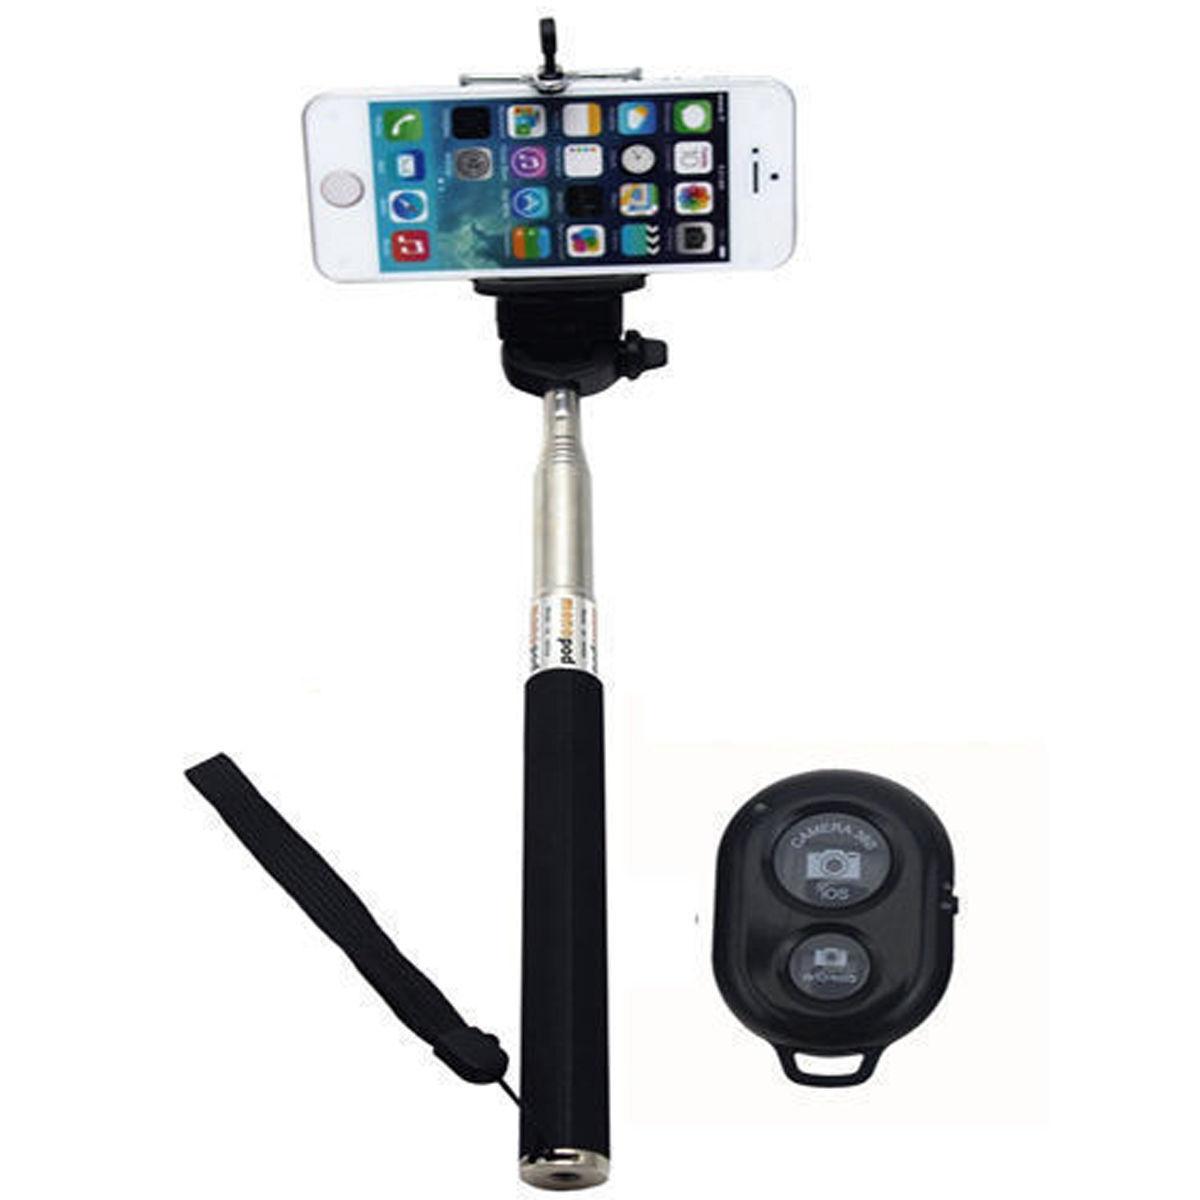 Palo Para Selfie Bluetooth con control remoto para Móvil por solo 3,5€